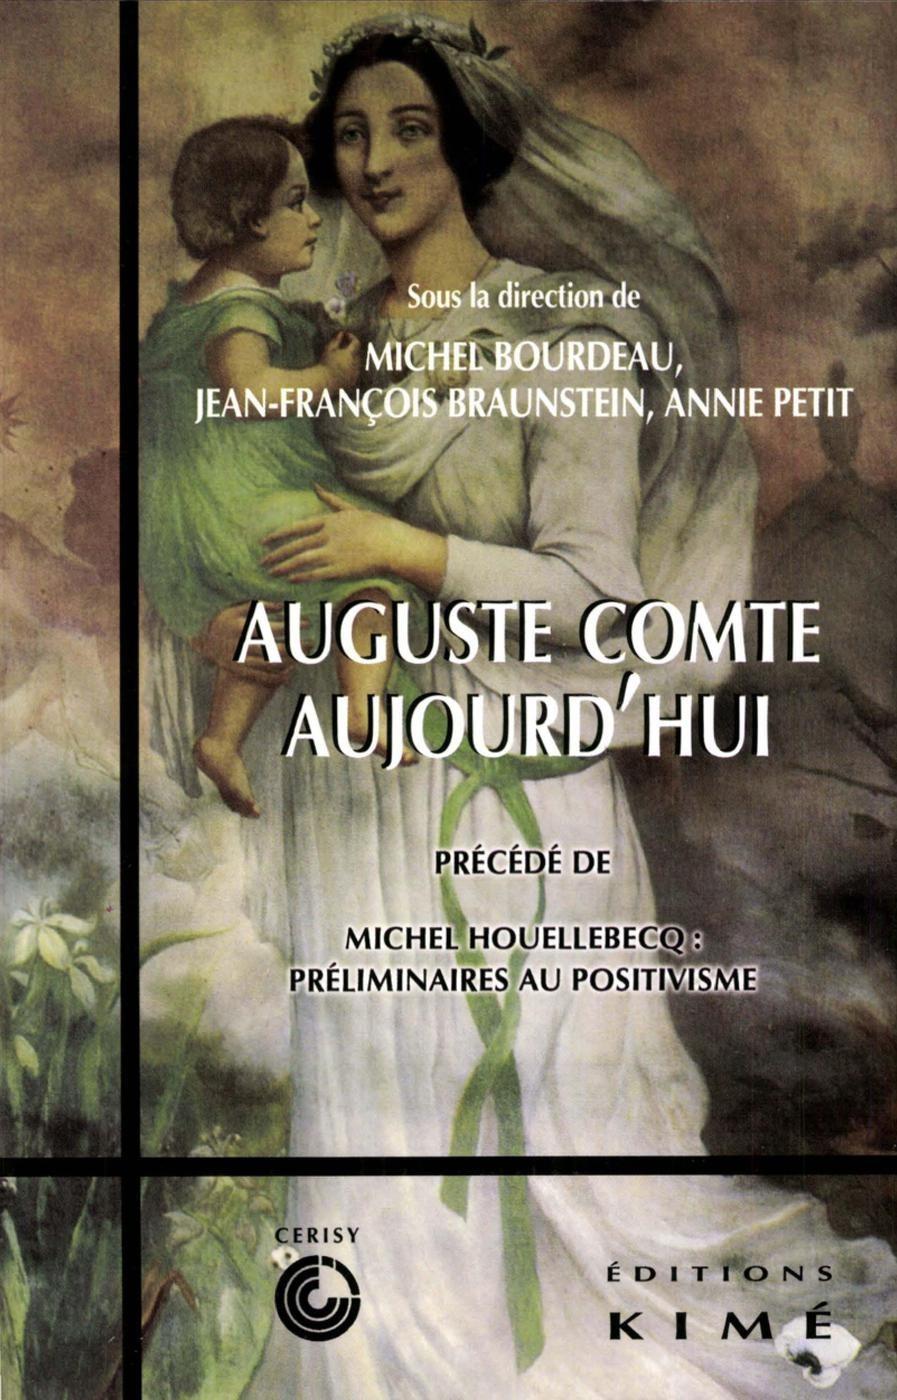 AUGUSTE COMTE AUJOURD'HUI